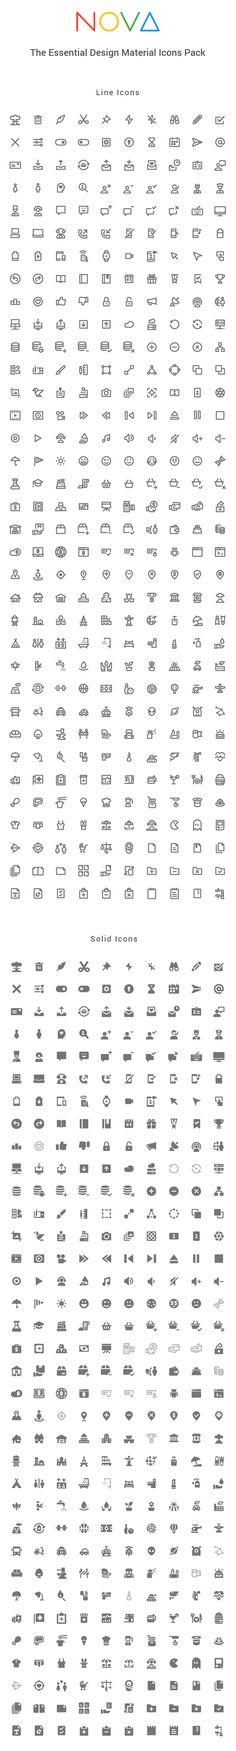 350 ícones estilosos Esboço, Ai, SVG, PDF, EPS, Iconjar Grátis